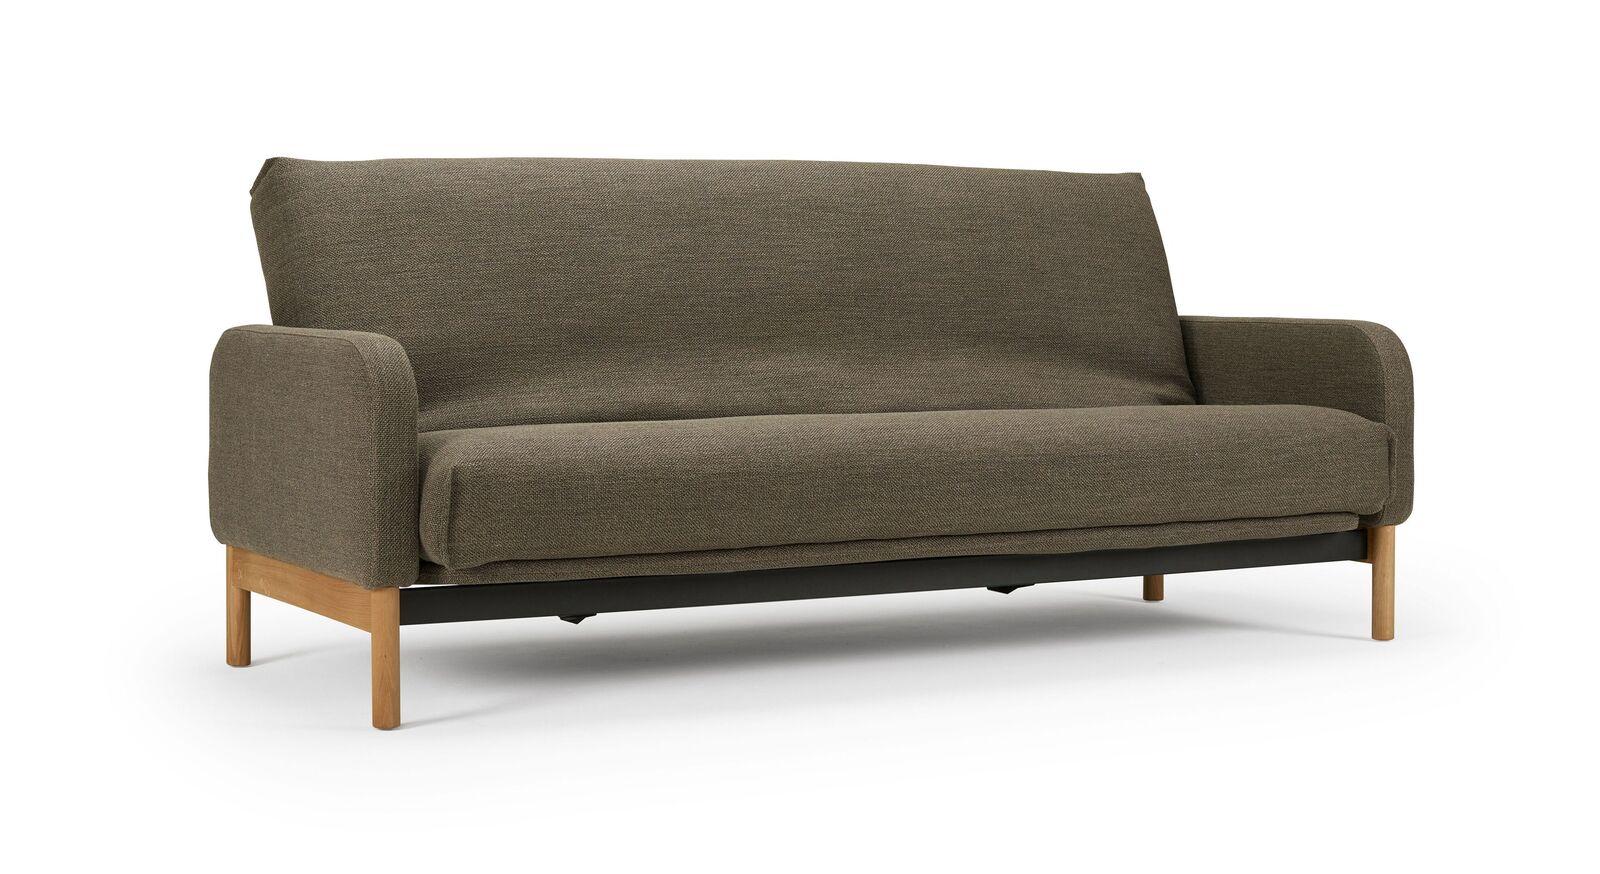 Schlafsofa Jarno als komfortable Sitzgelegenheit